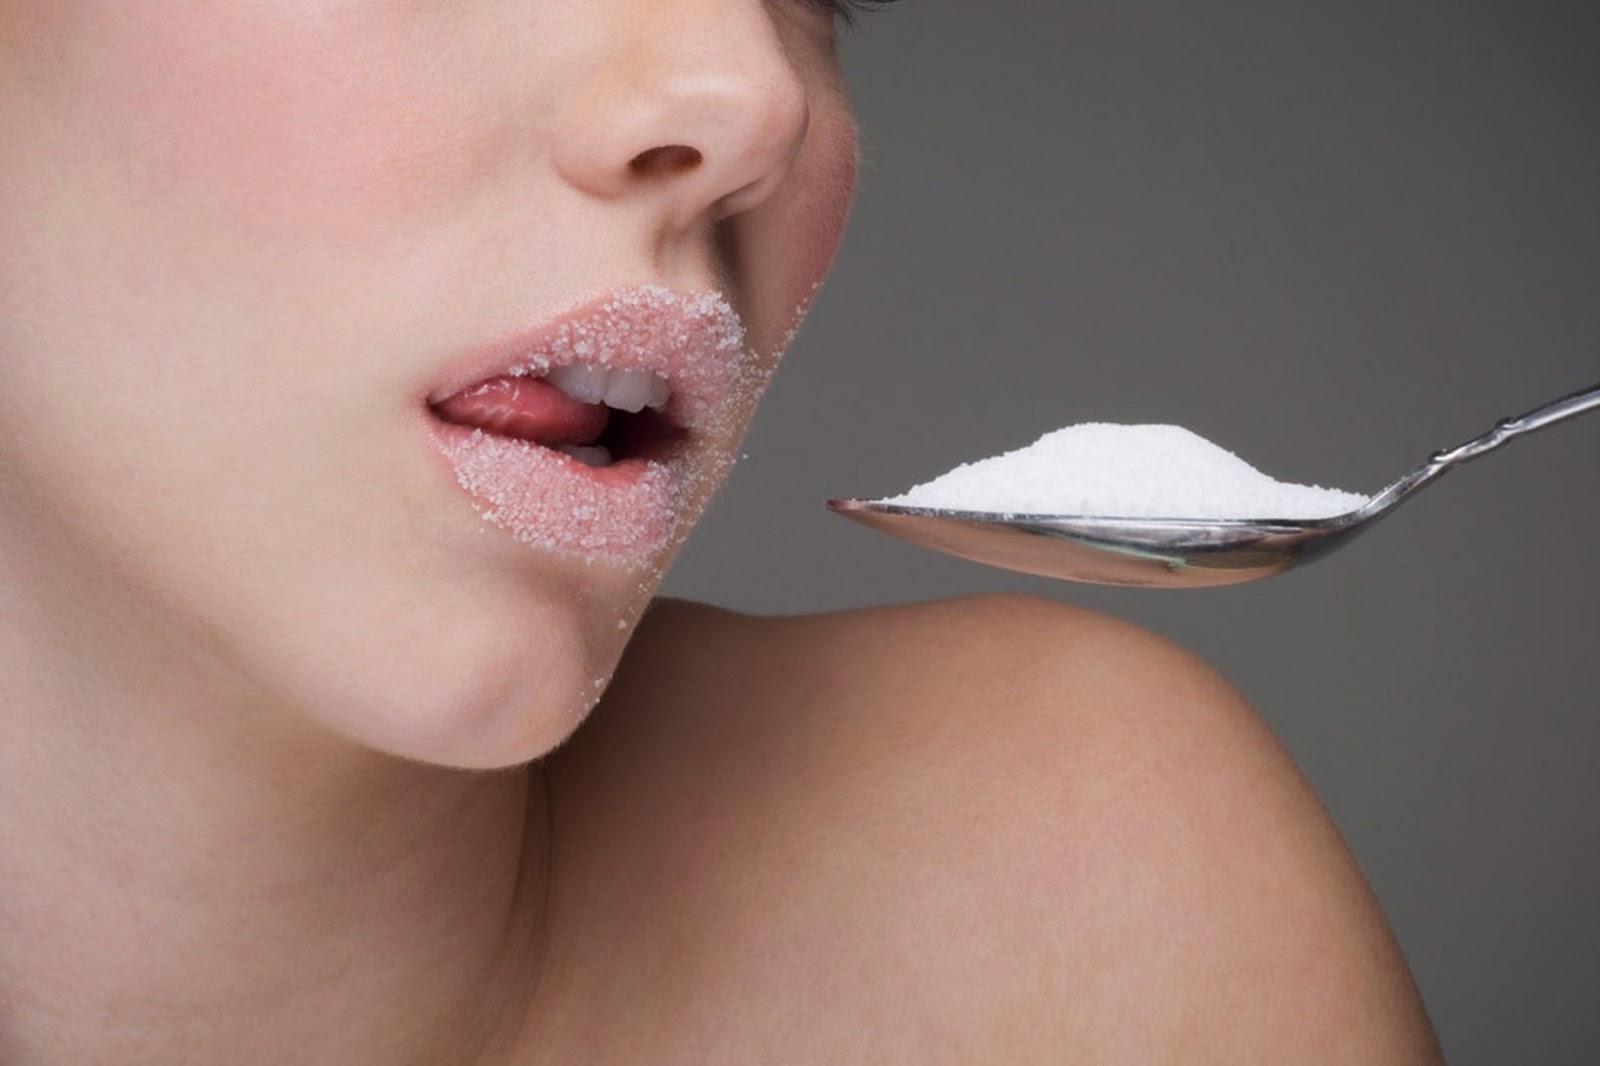 Bahaya Gula Untuk Kecantikan Wanita